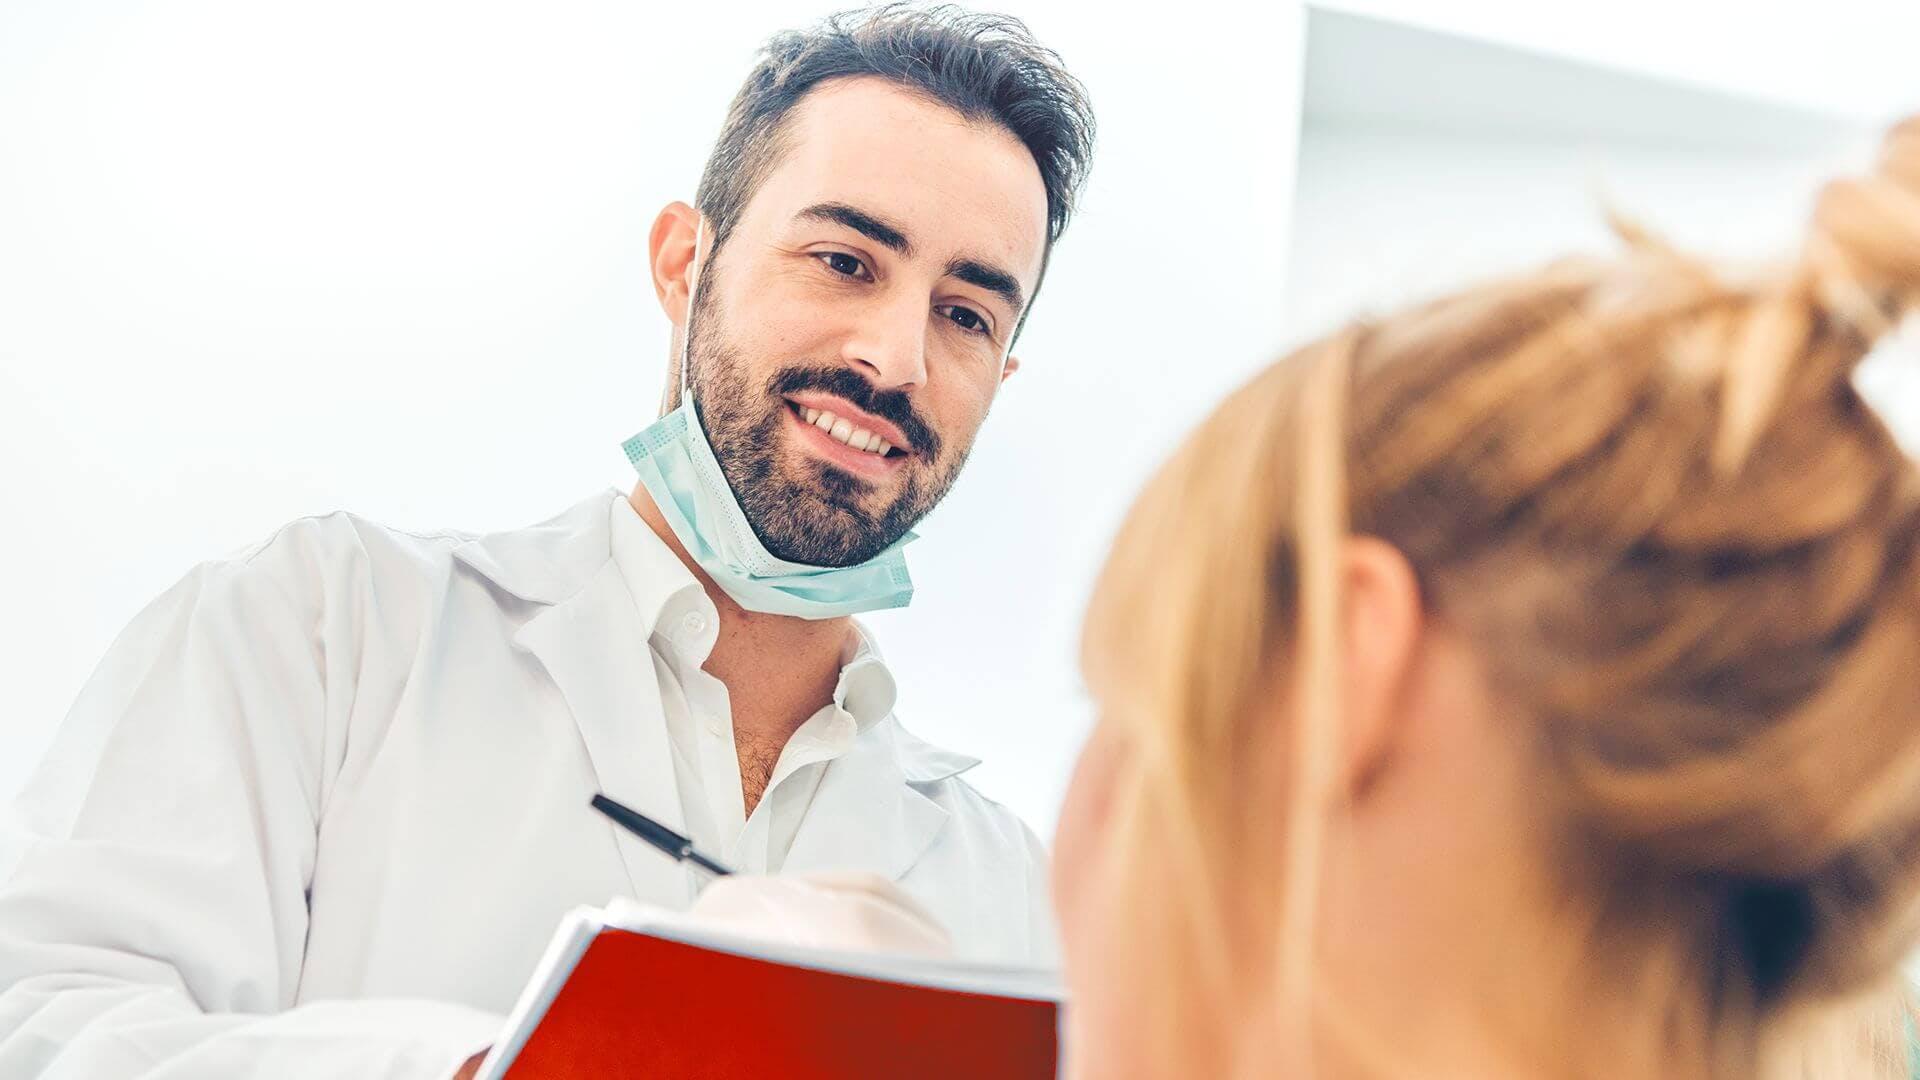 諮詢專業牙醫生的意見